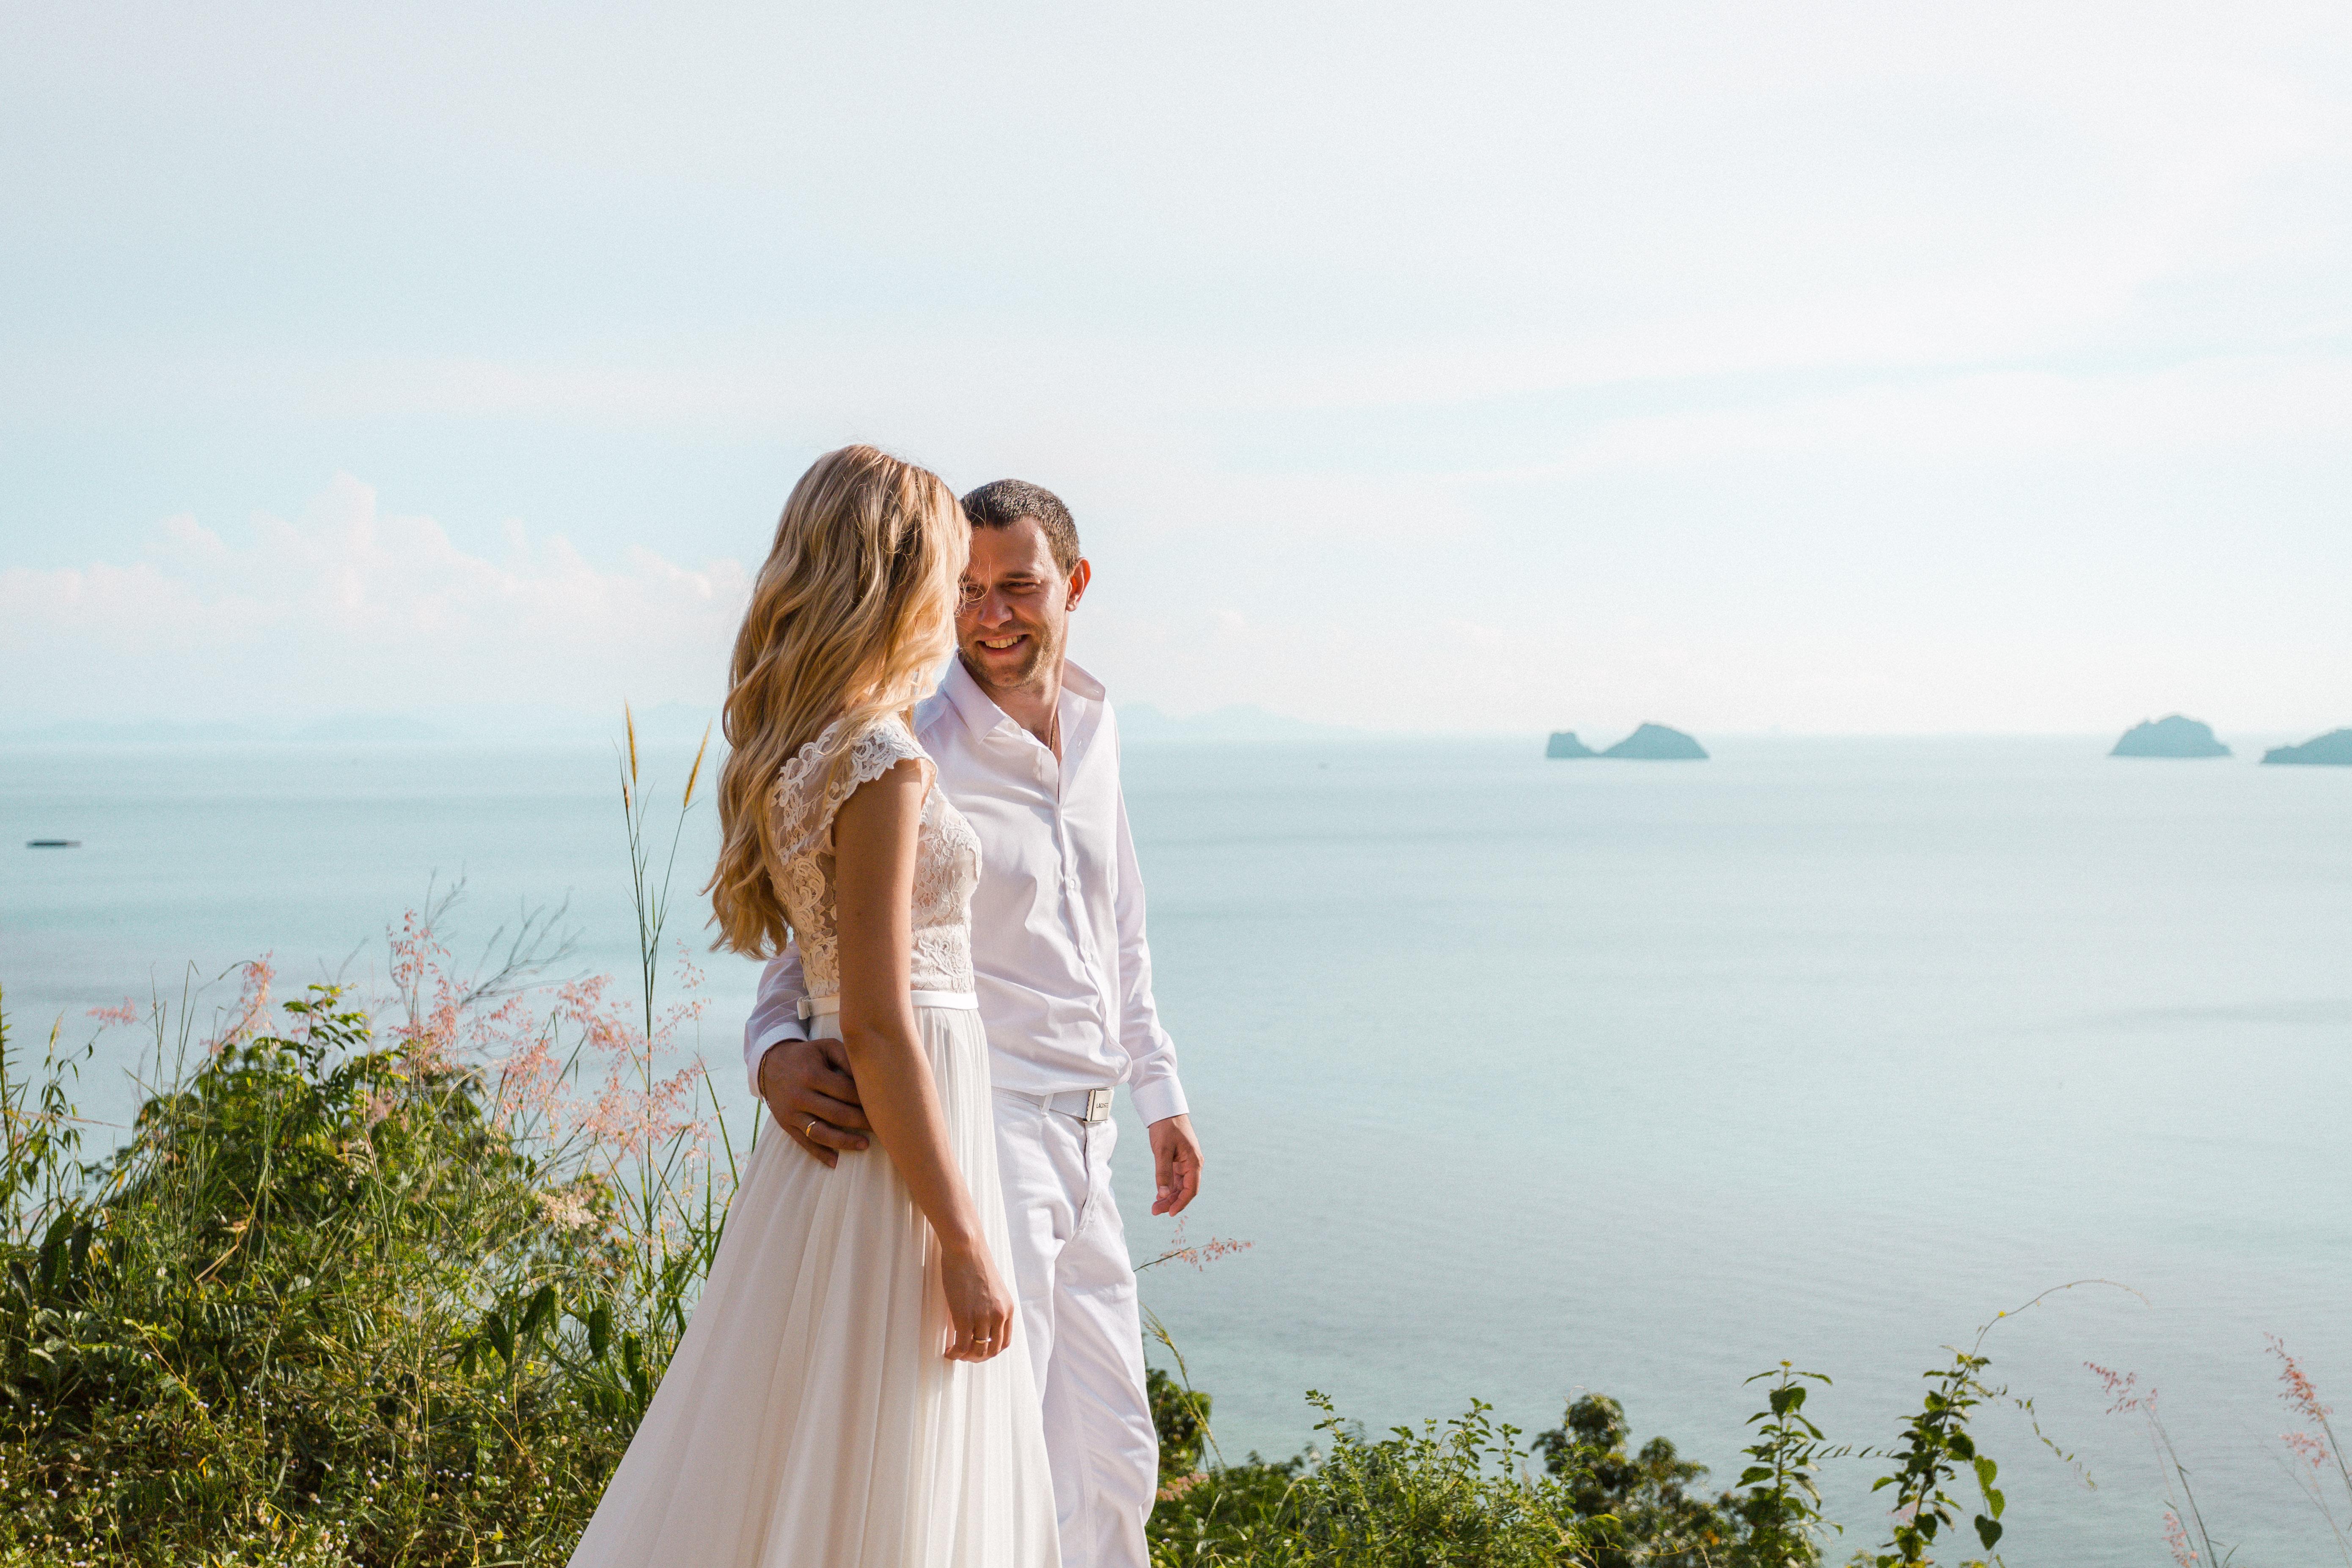 wedding thaialnd